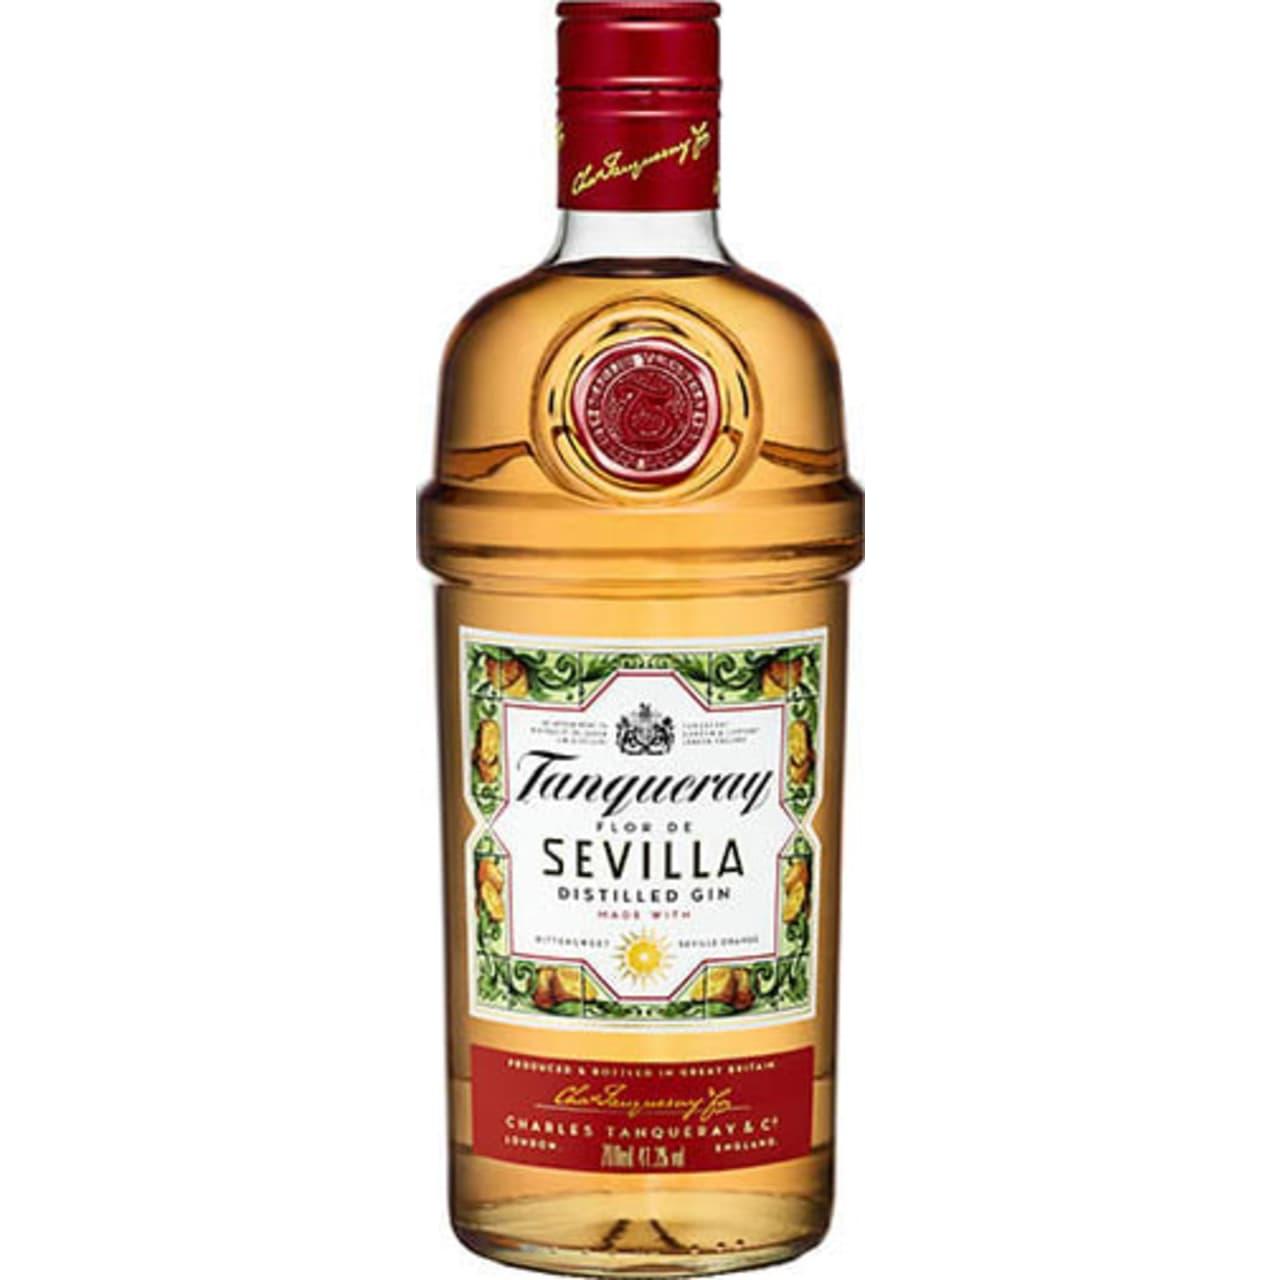 Product Image - Tanqueray Flor de Sevilla Gin